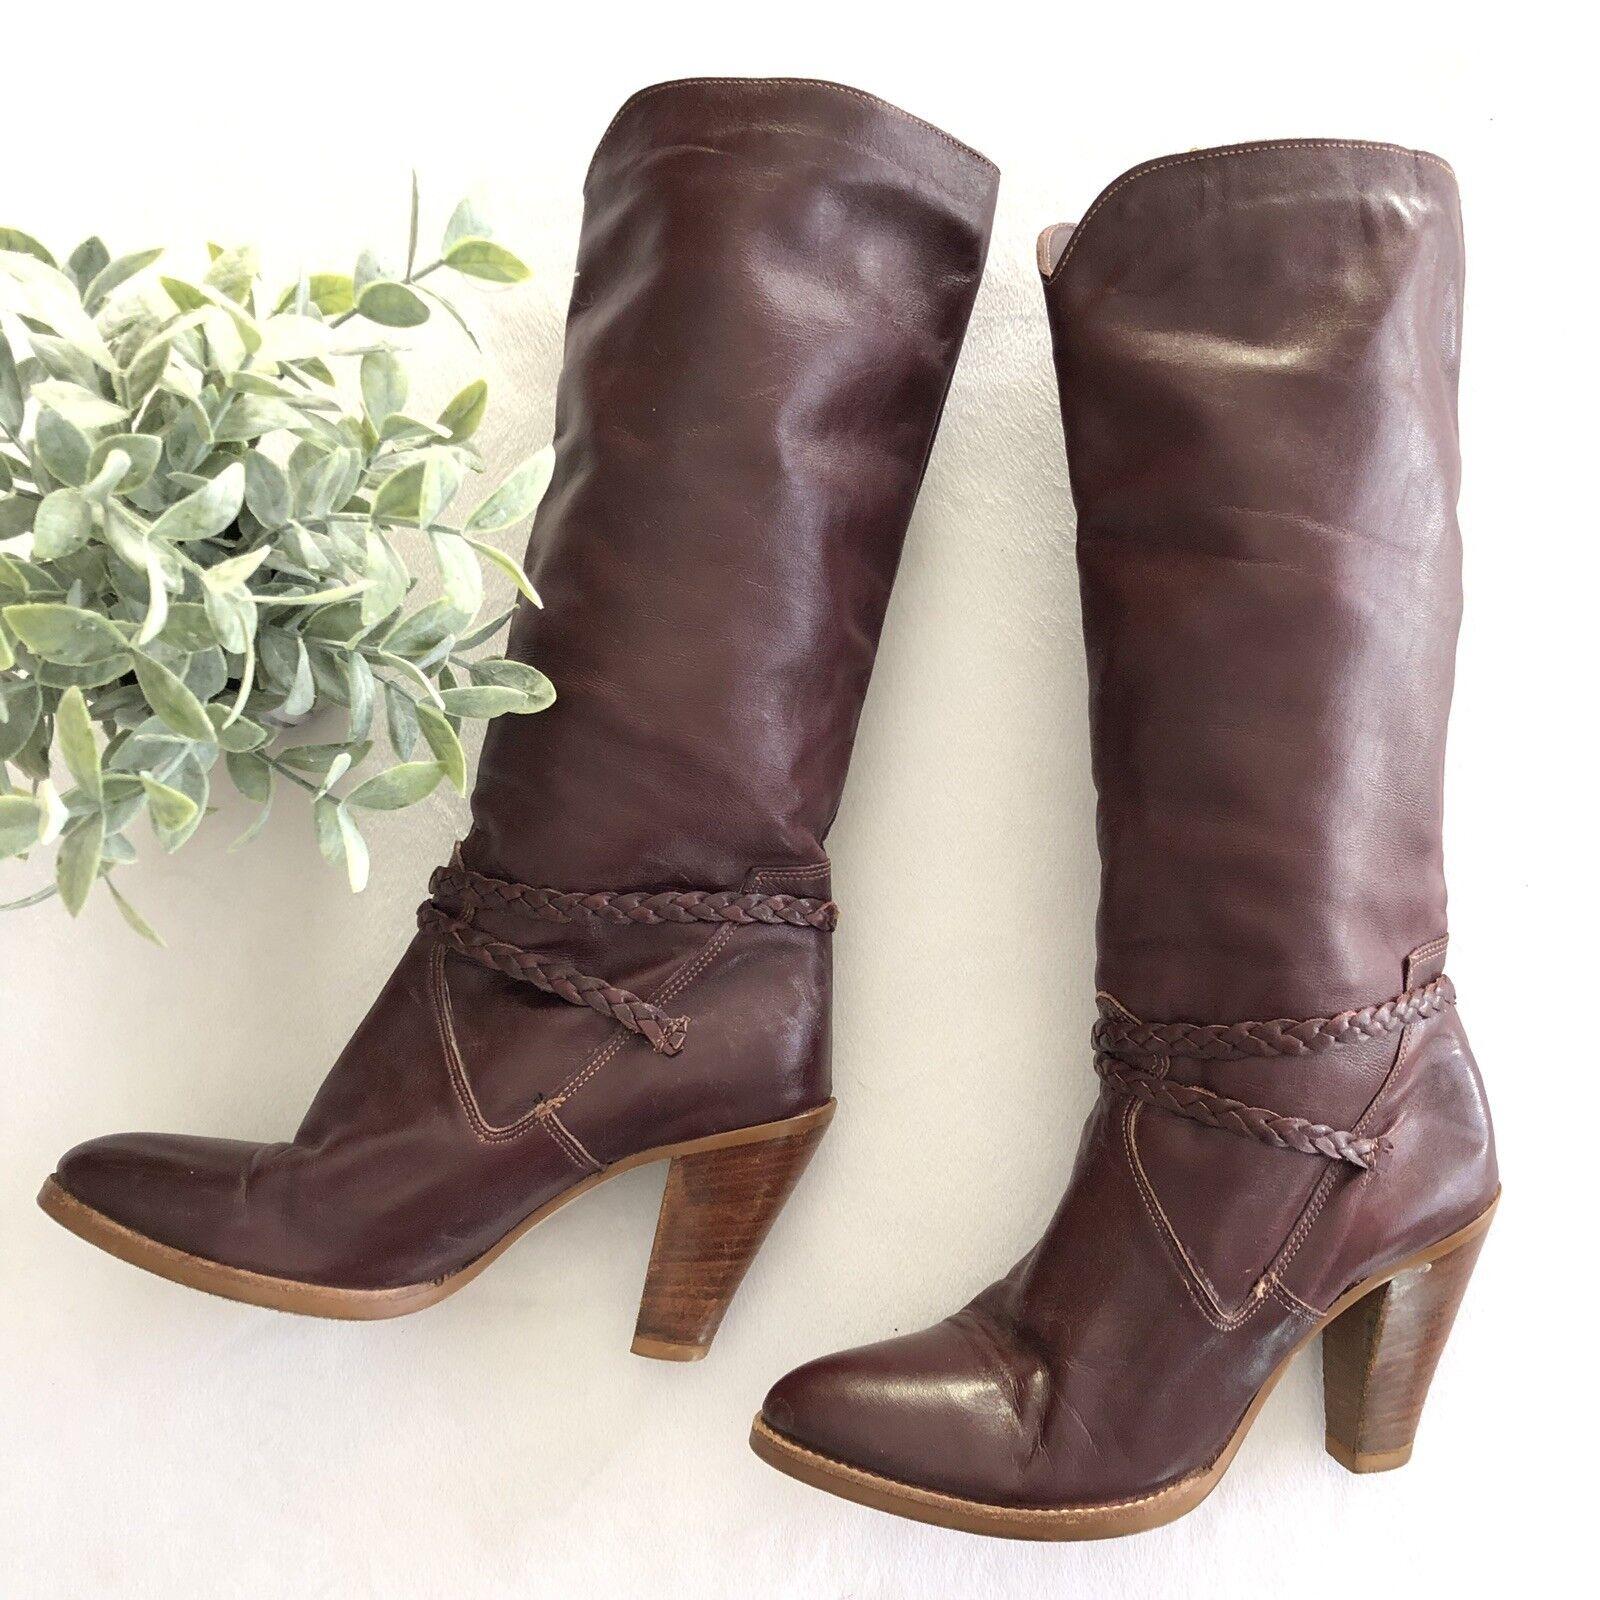 Dingo Trenzado Correa De Tobillo botas botas botas Hasta La Rodilla occidental de Cuero Borgoña para Mujer Talla 6  ventas en linea